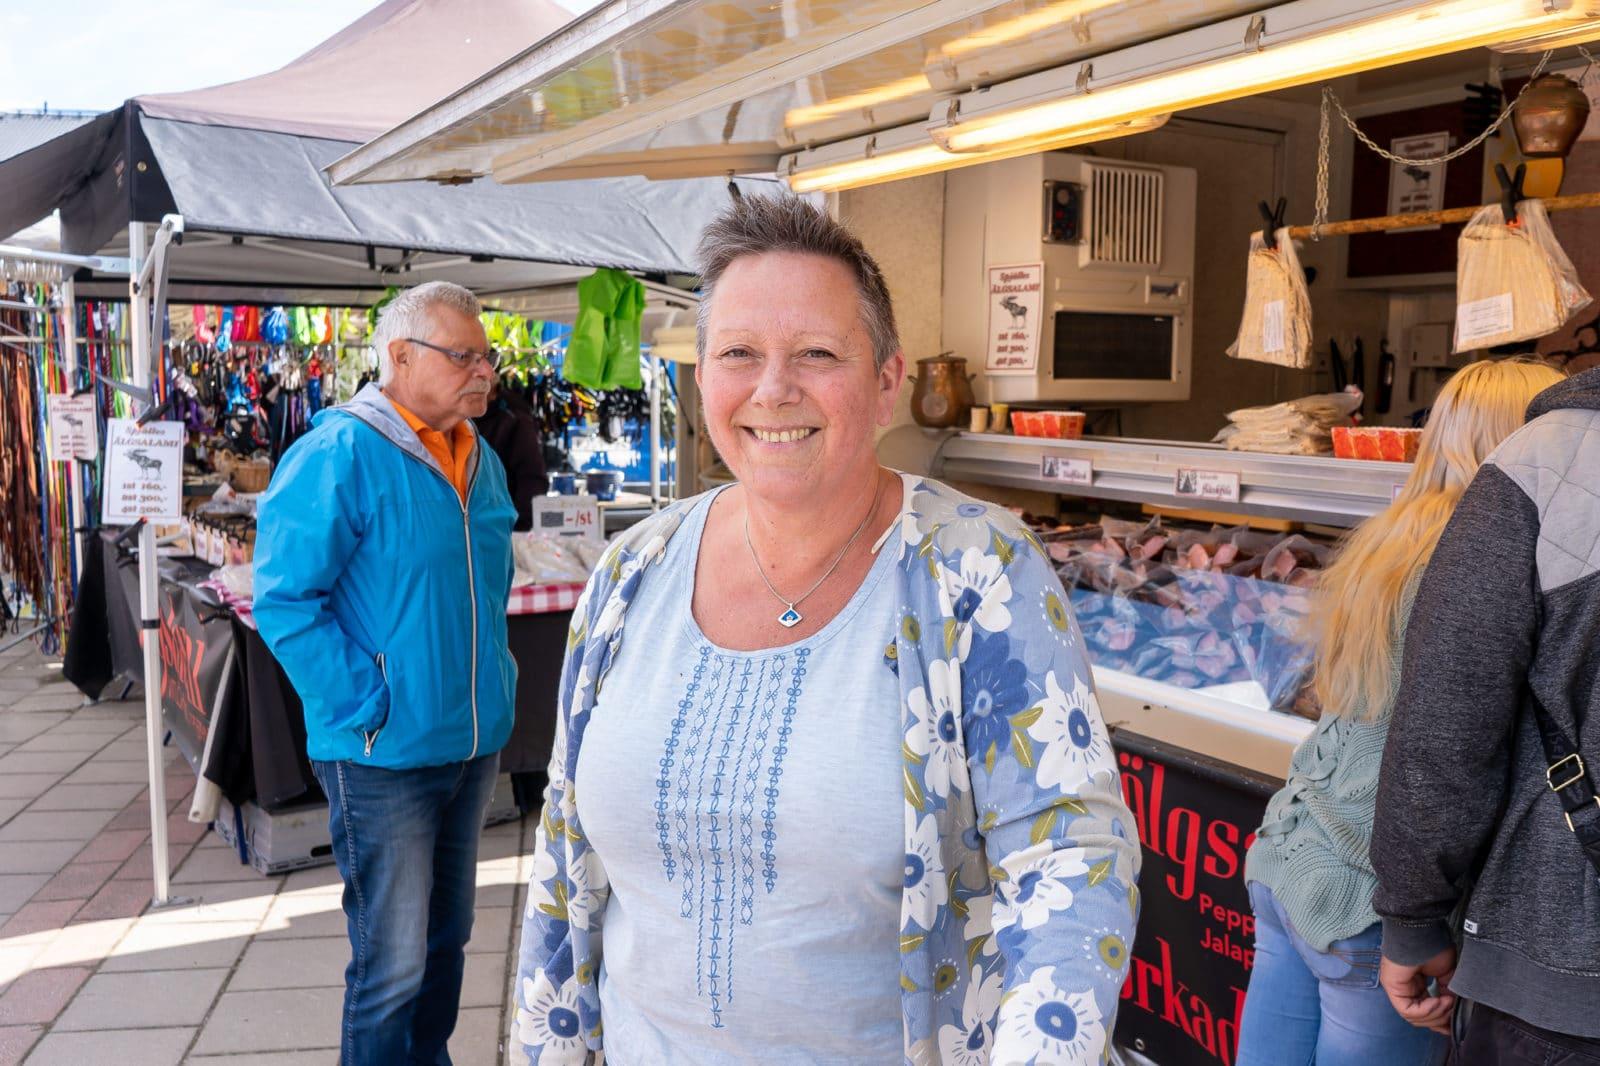 – Marknad är kul på sommaren, det hör till. Det är synd att det är så lite knallar här, men jag har köpt ost av holländarna. Det gör jag varje år, det är tradition, säger Lotta Eriksson från Remmet, utanför Sveg. Foto: Morgan Grip